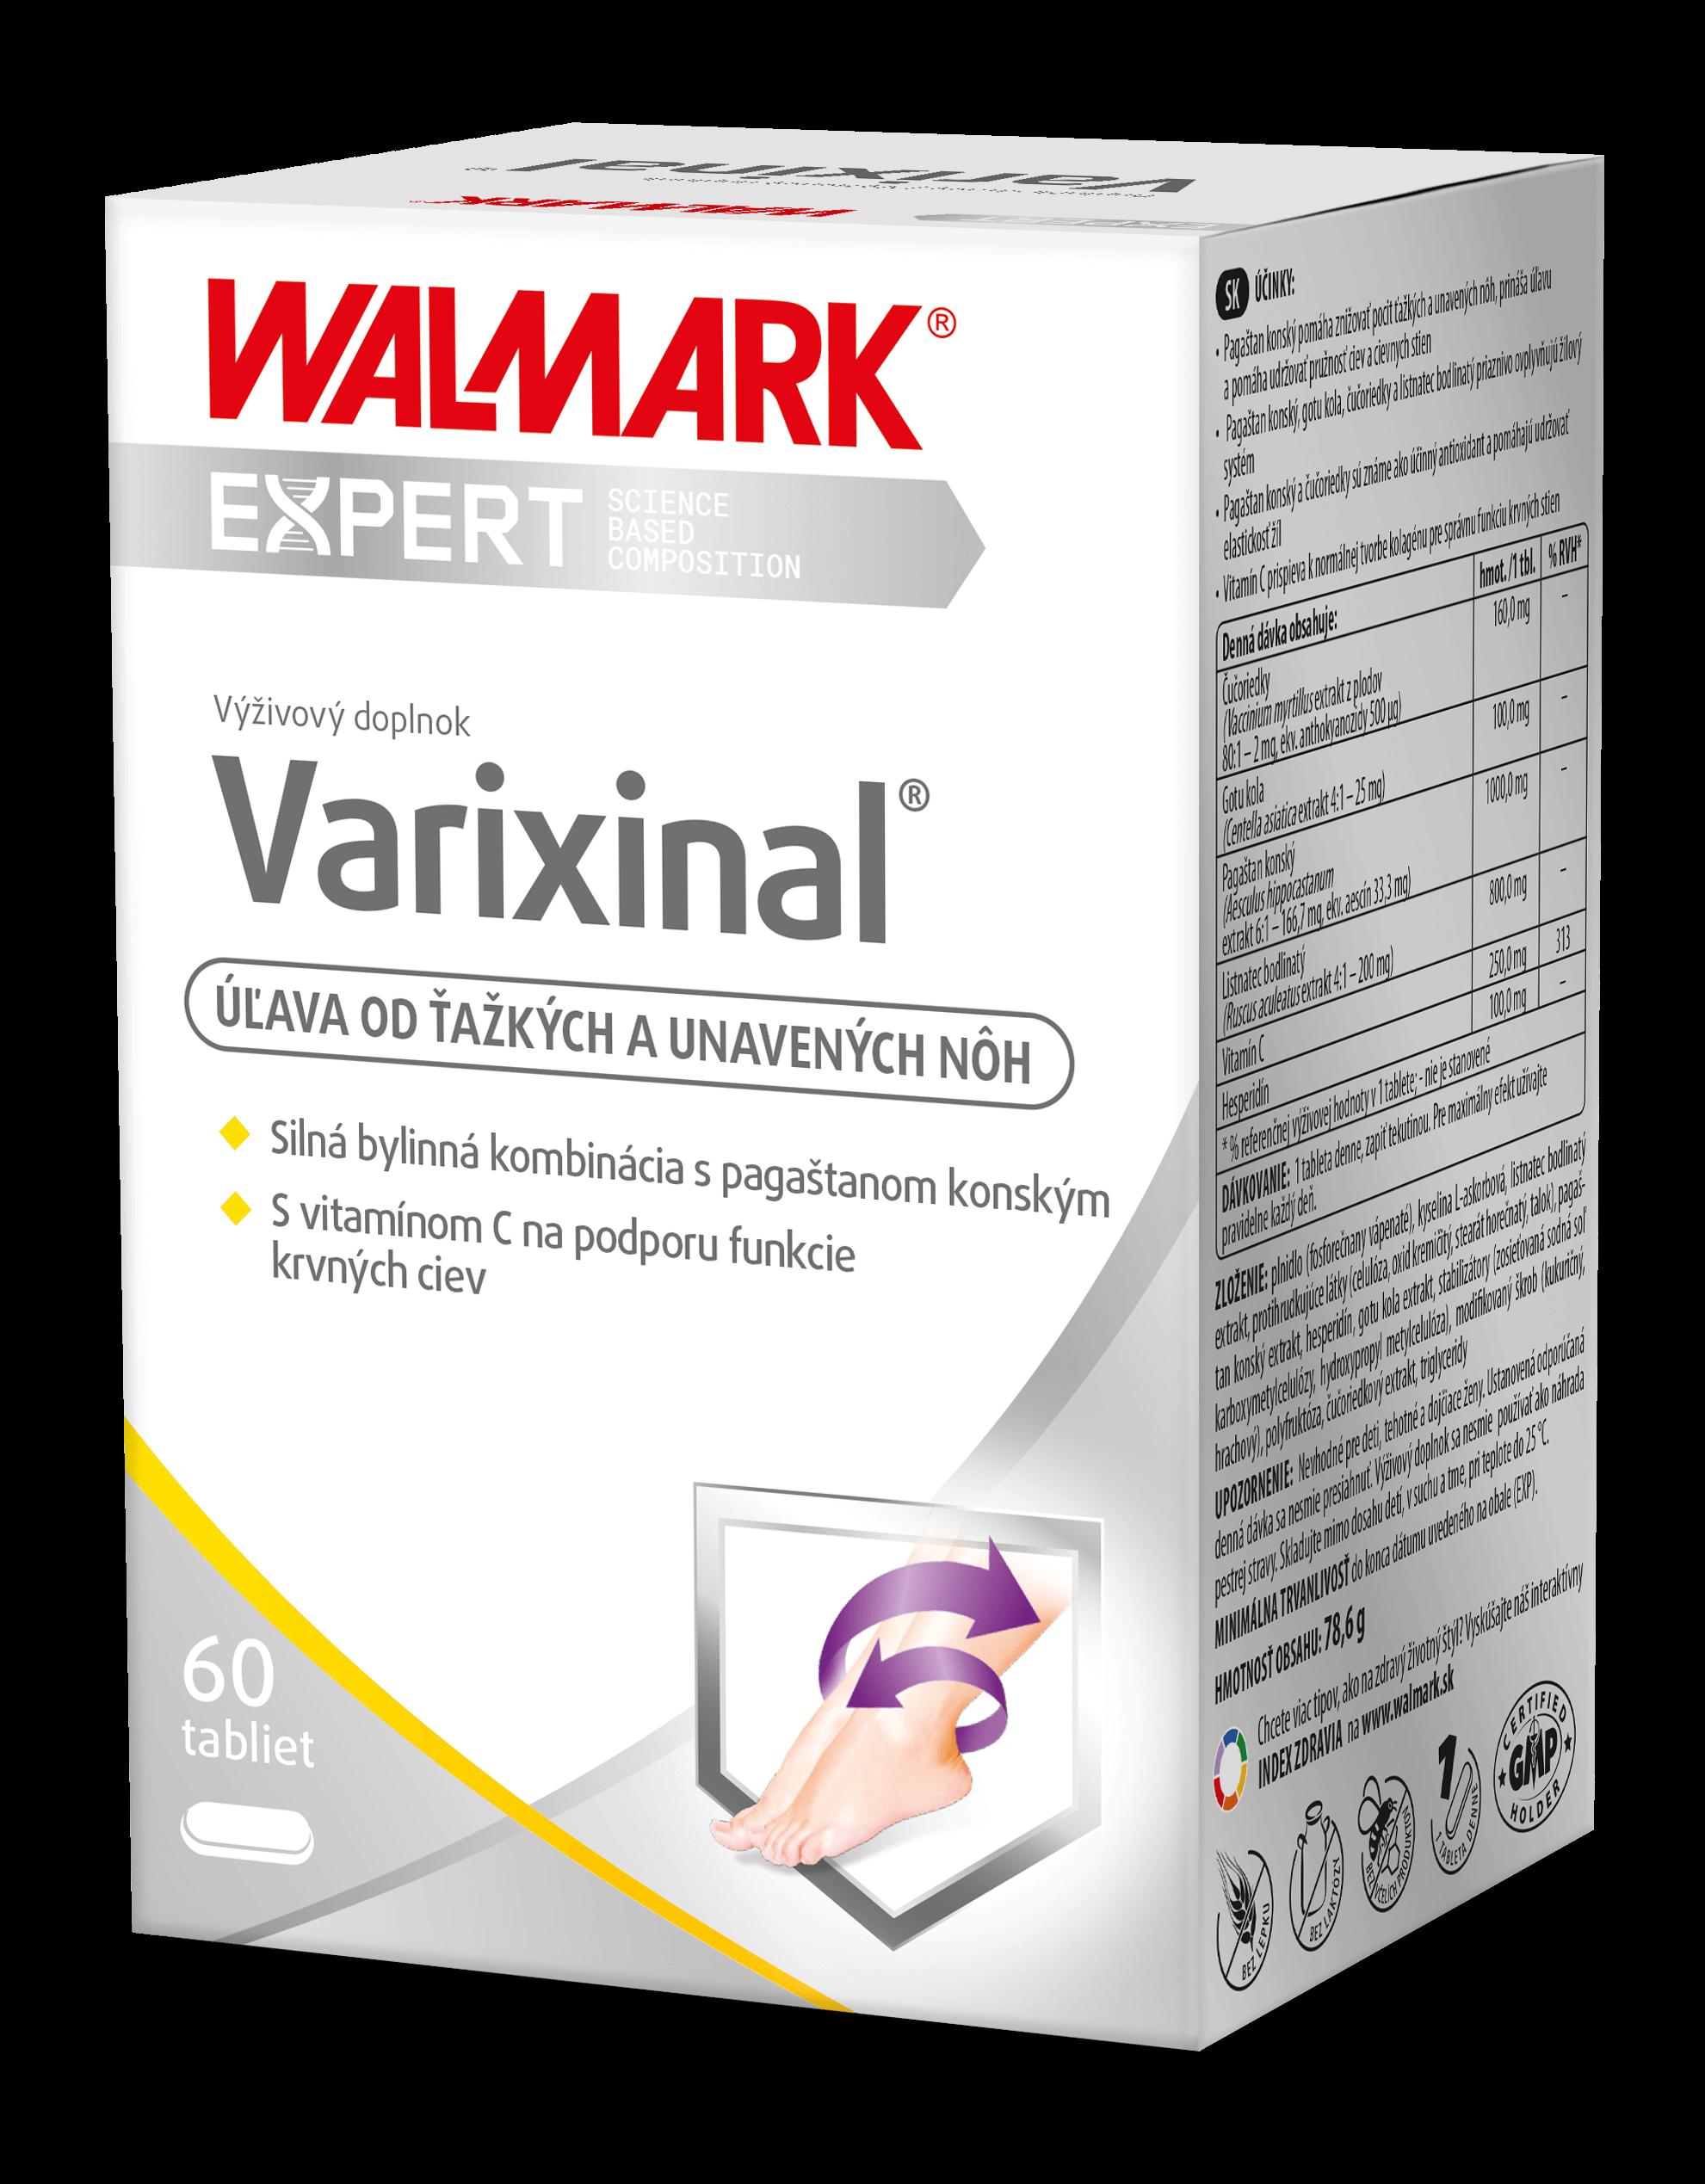 WALMARK Varixinal 60tbl